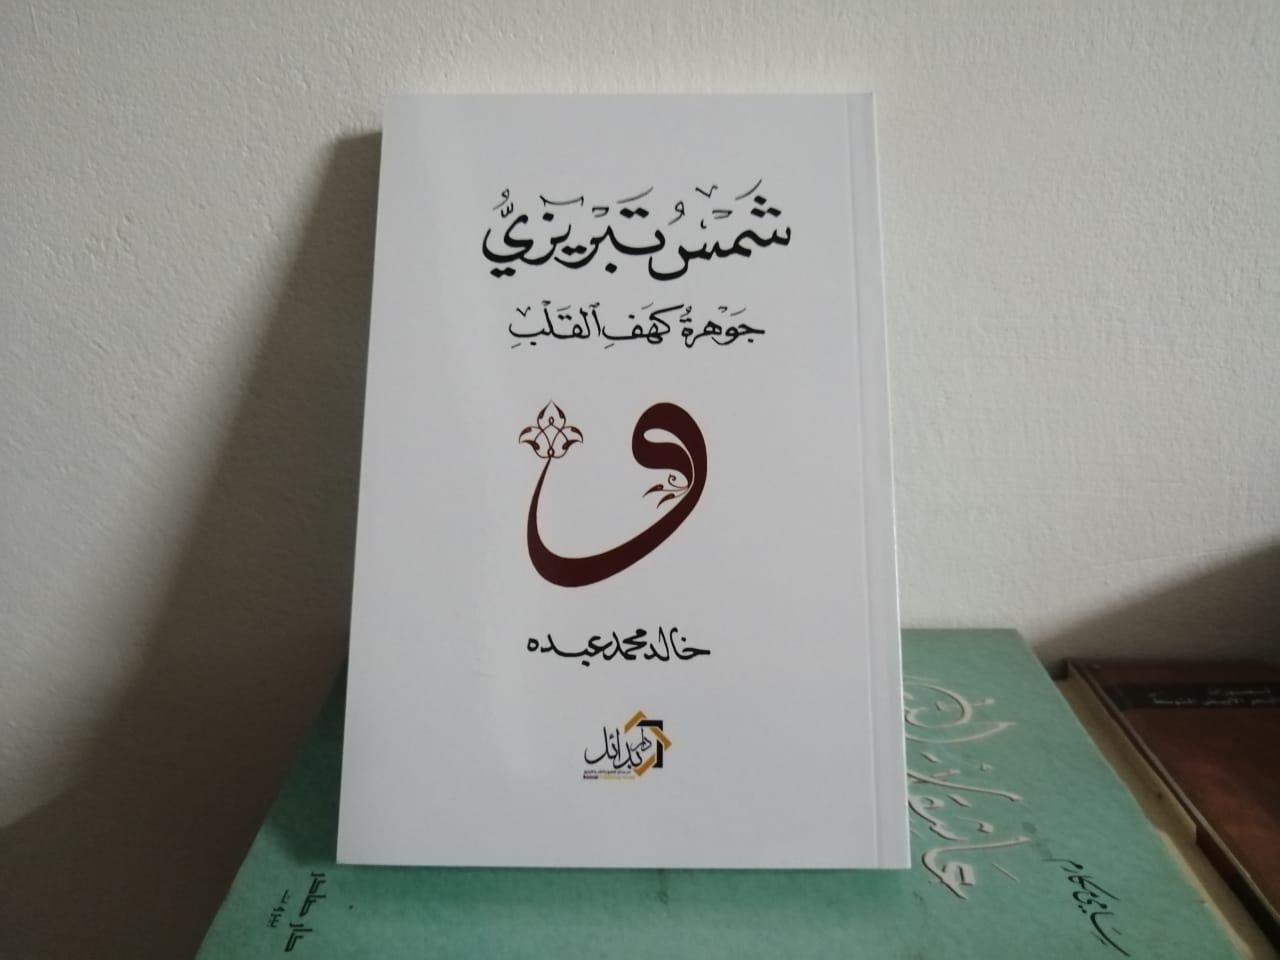 كتاب شمس تبريزي